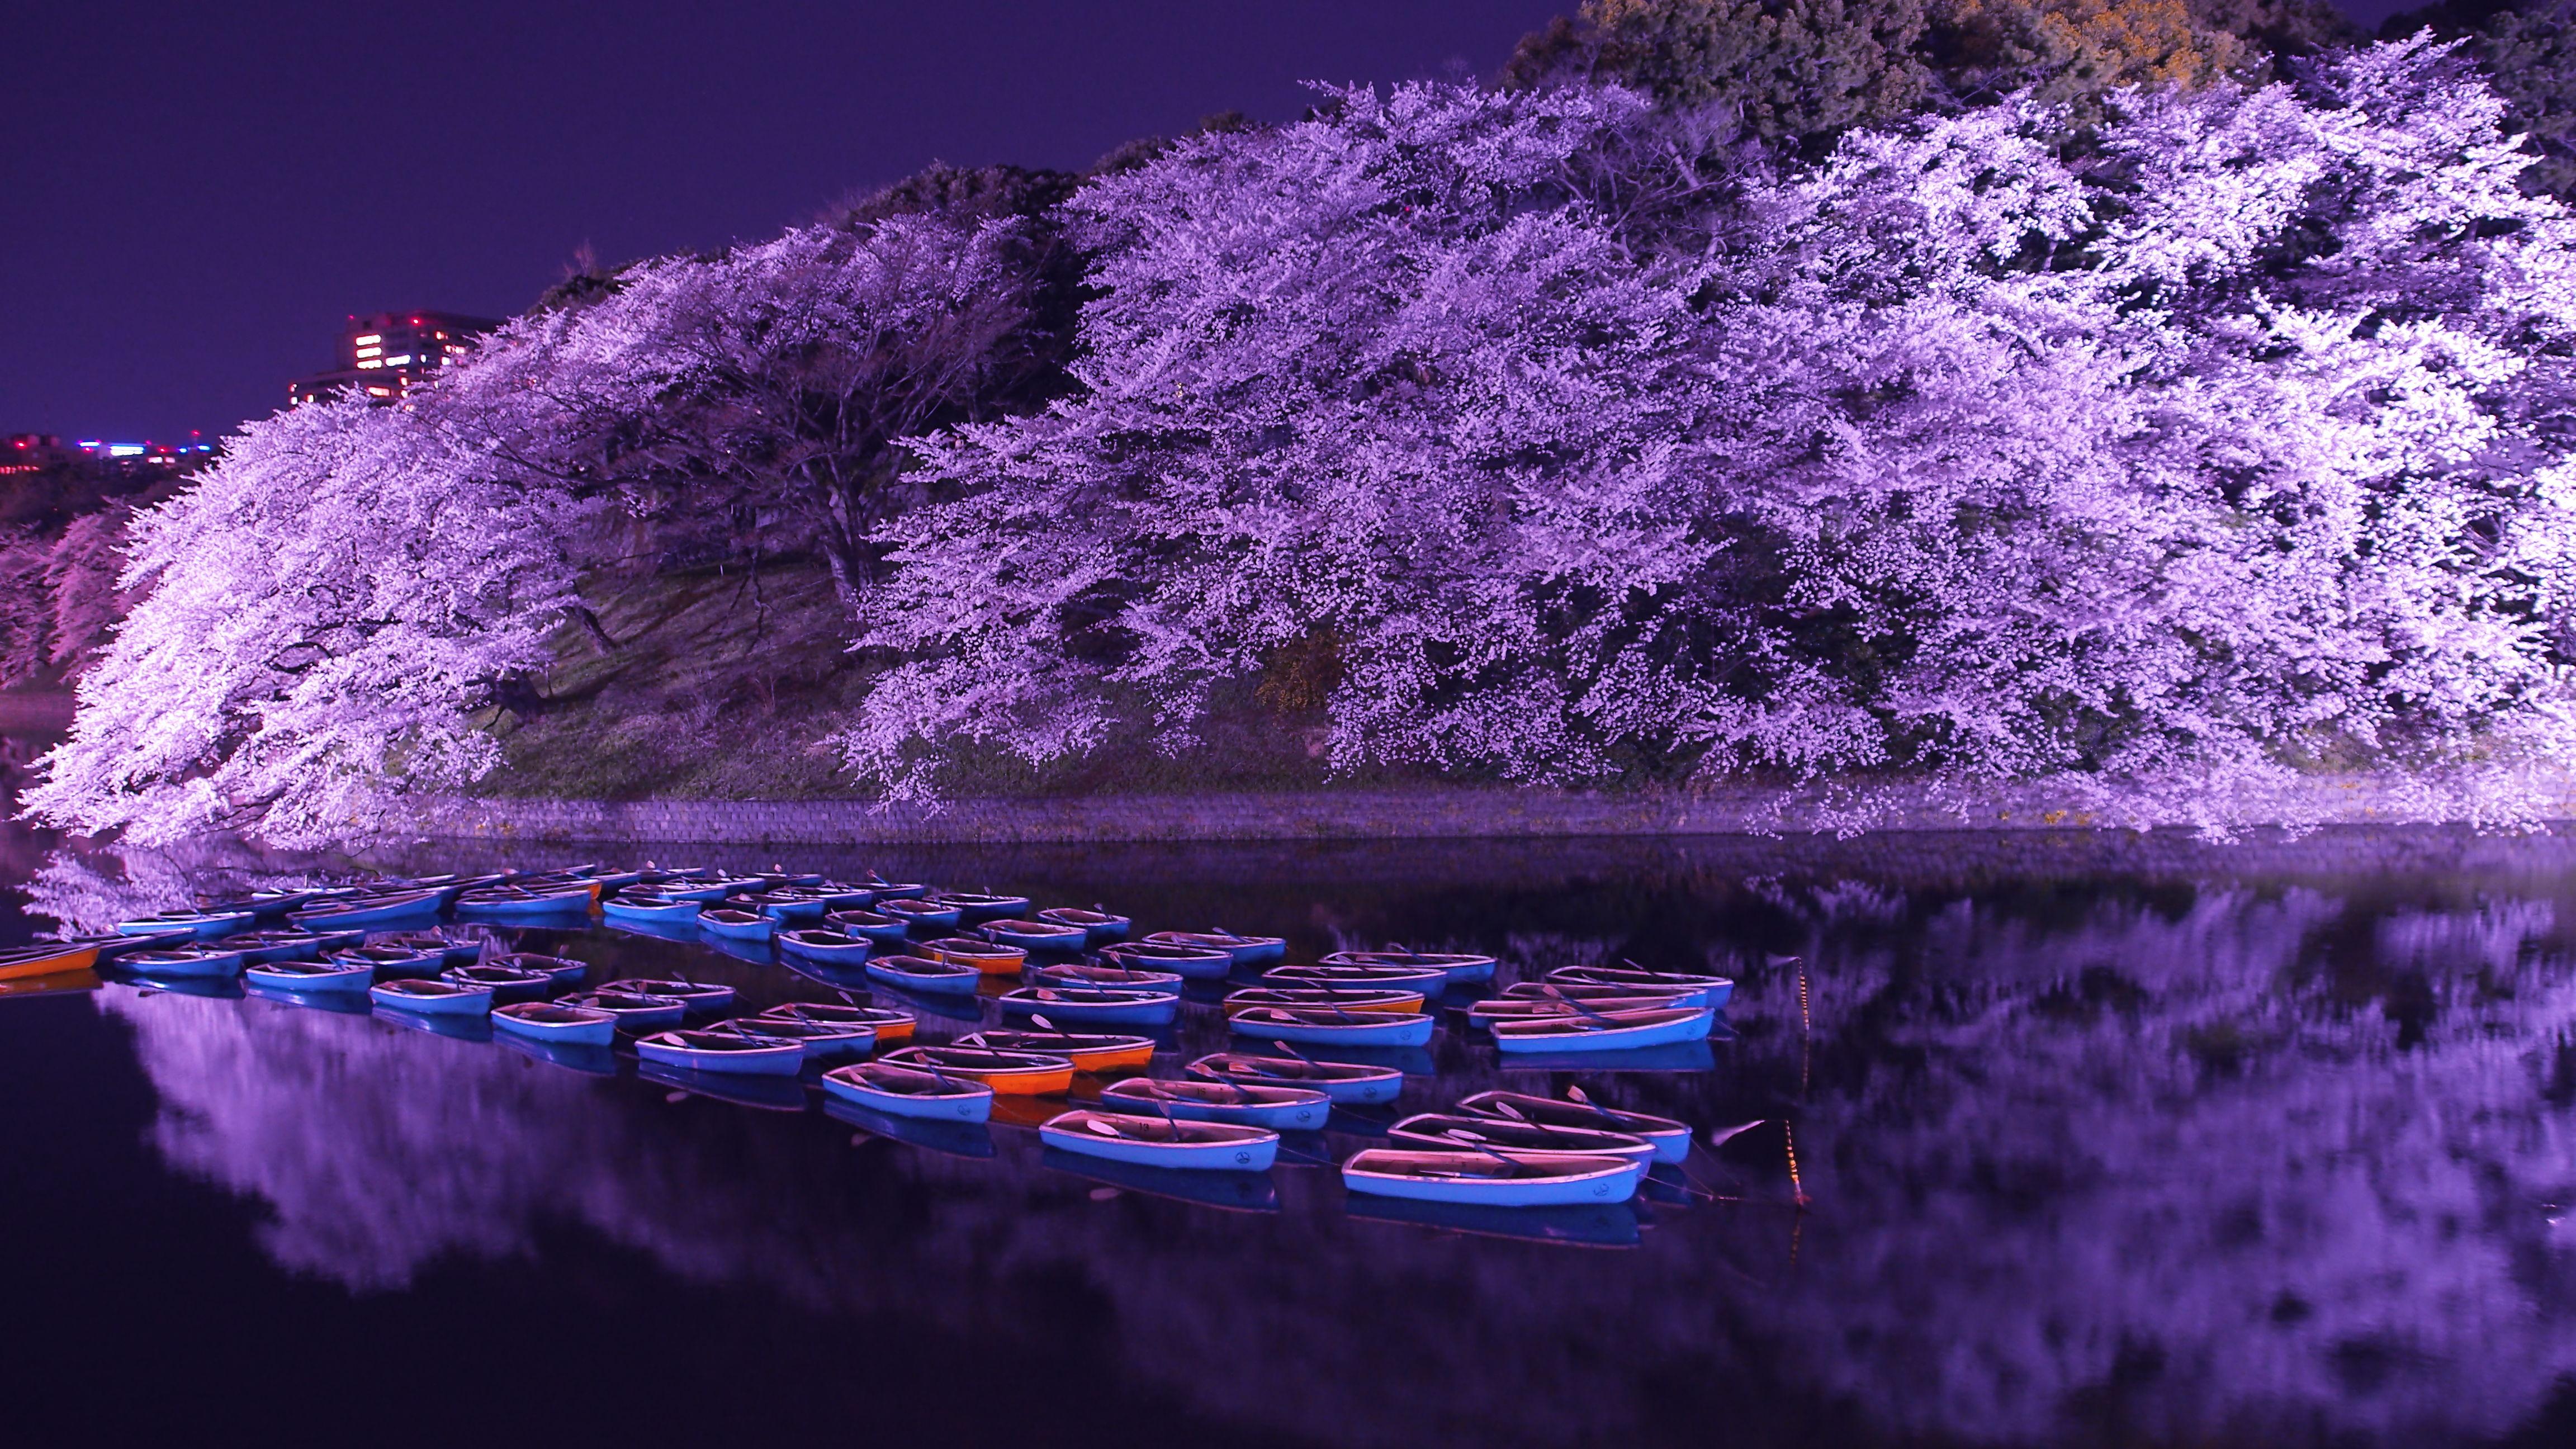 壁紙6 千鳥ヶ淵の14 4月の桜 Tokyo Nightscape